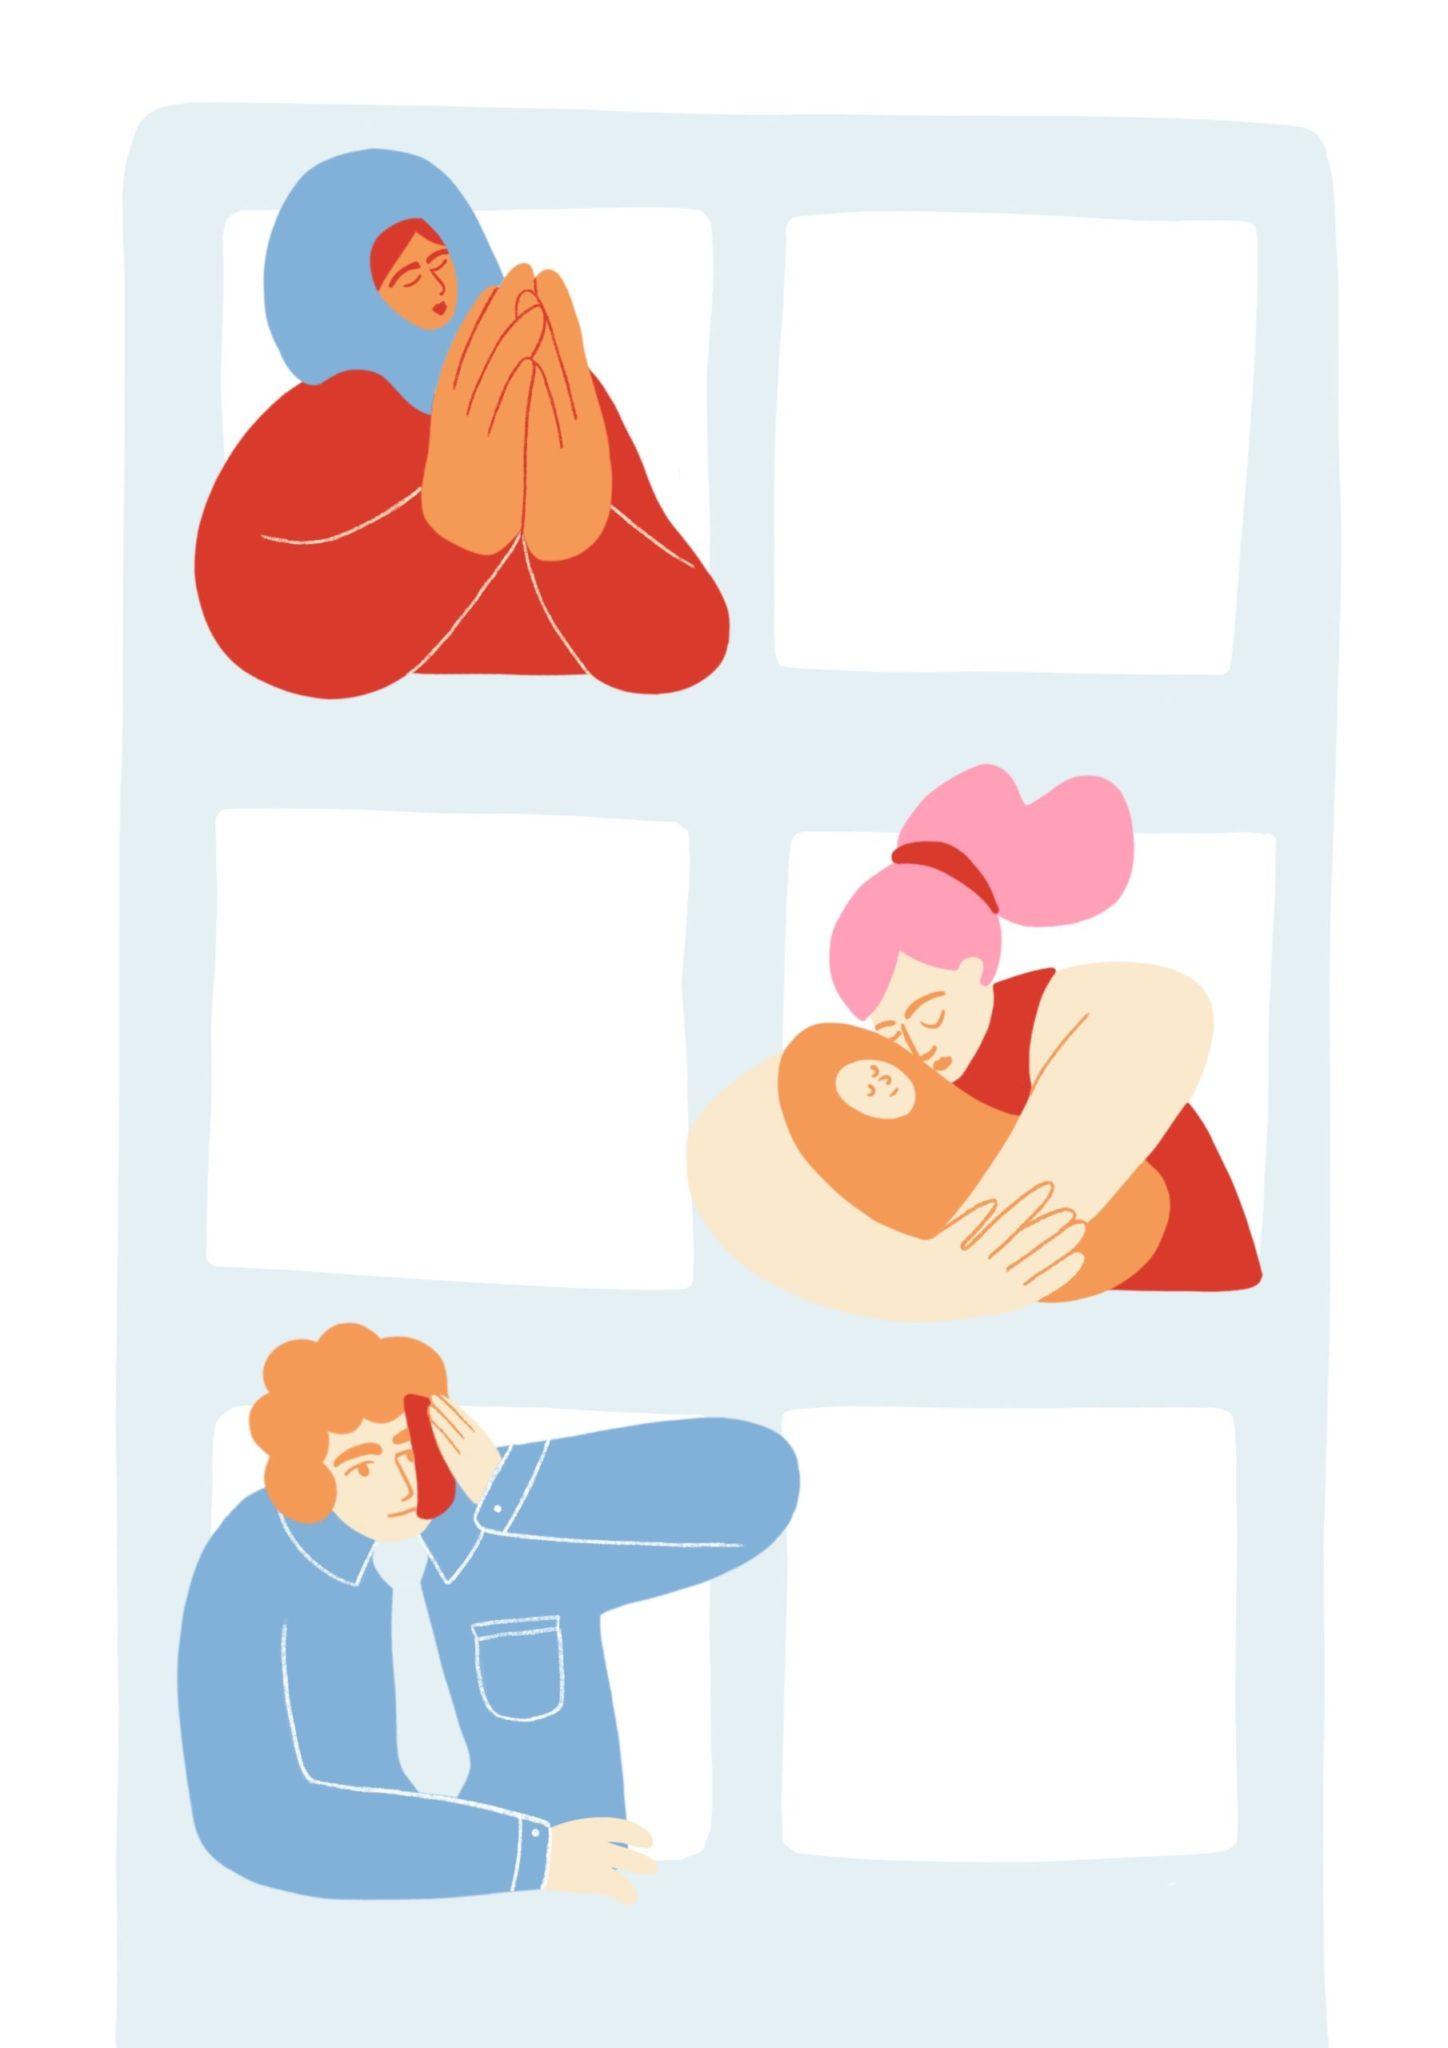 Illustration aus dem Reader Grundbegriffe für kulturelle Bildung Kapitel Sozialraumorientierung in der kulturellen Bildung